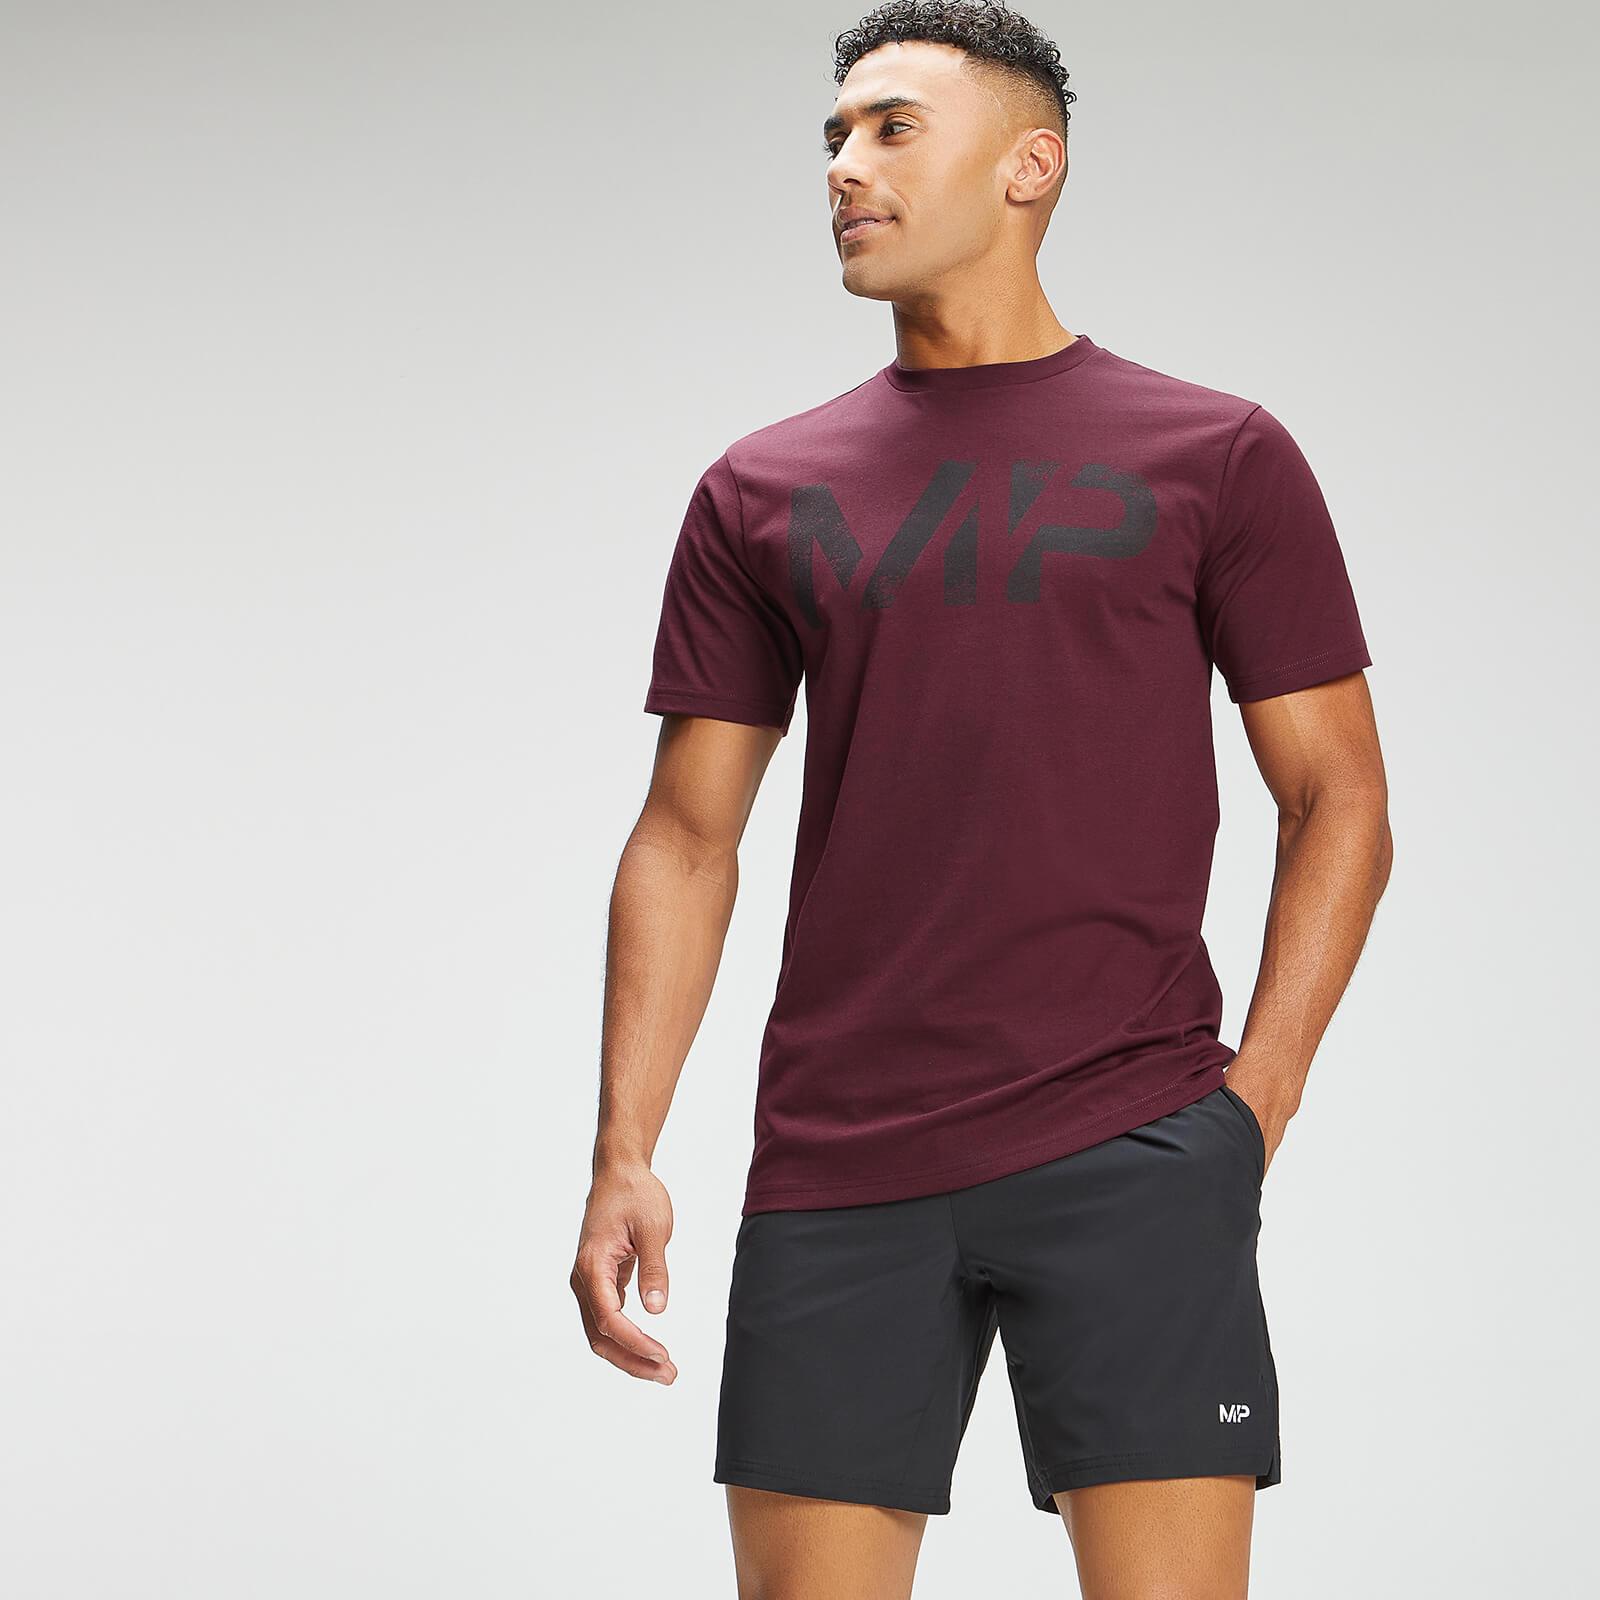 Купить MP Men's Adapt Grit Graphic T-Shirt - Merlot Marl - XXXL, Myprotein International